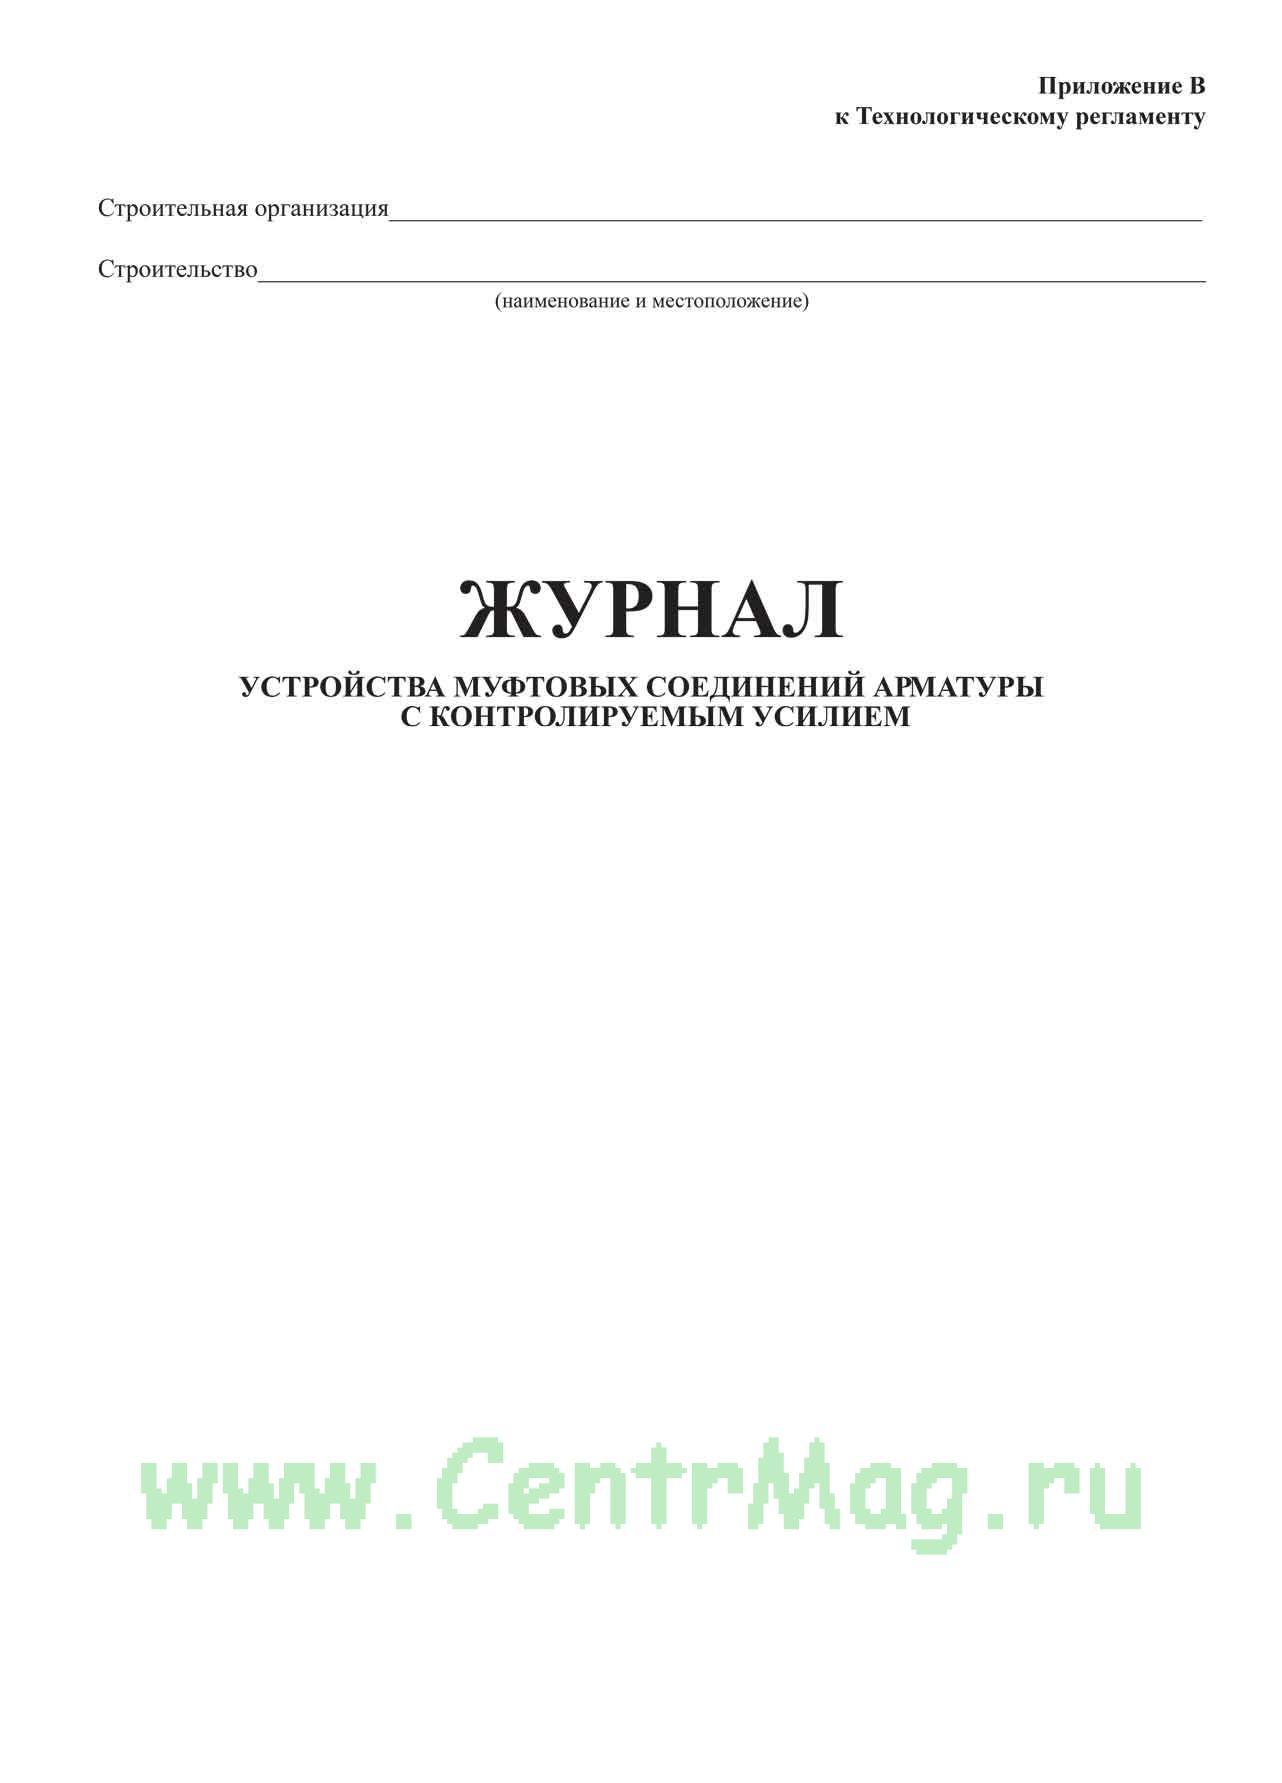 Журнал устройства муфтовых соединений арматуры с контролируемым усилием